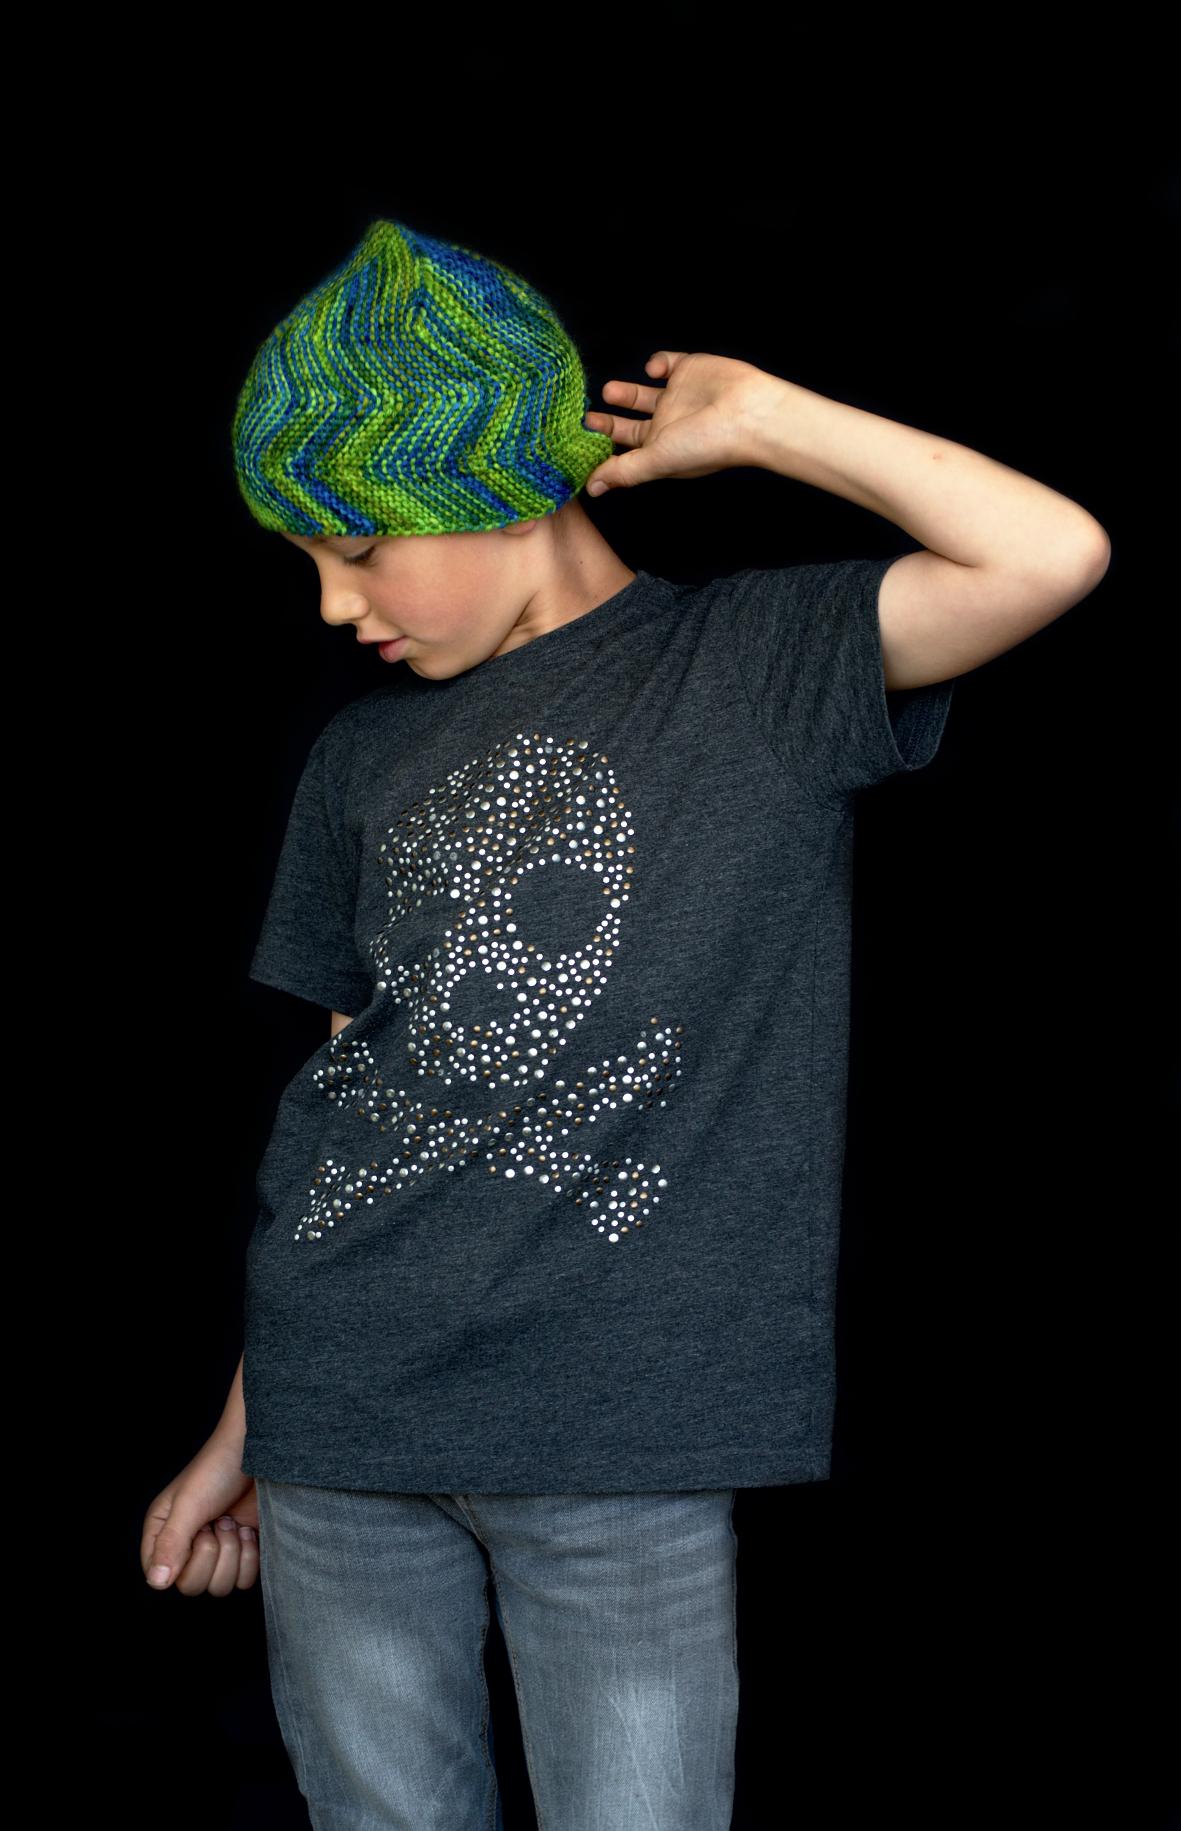 Mobberley sideways knit Hat pattern